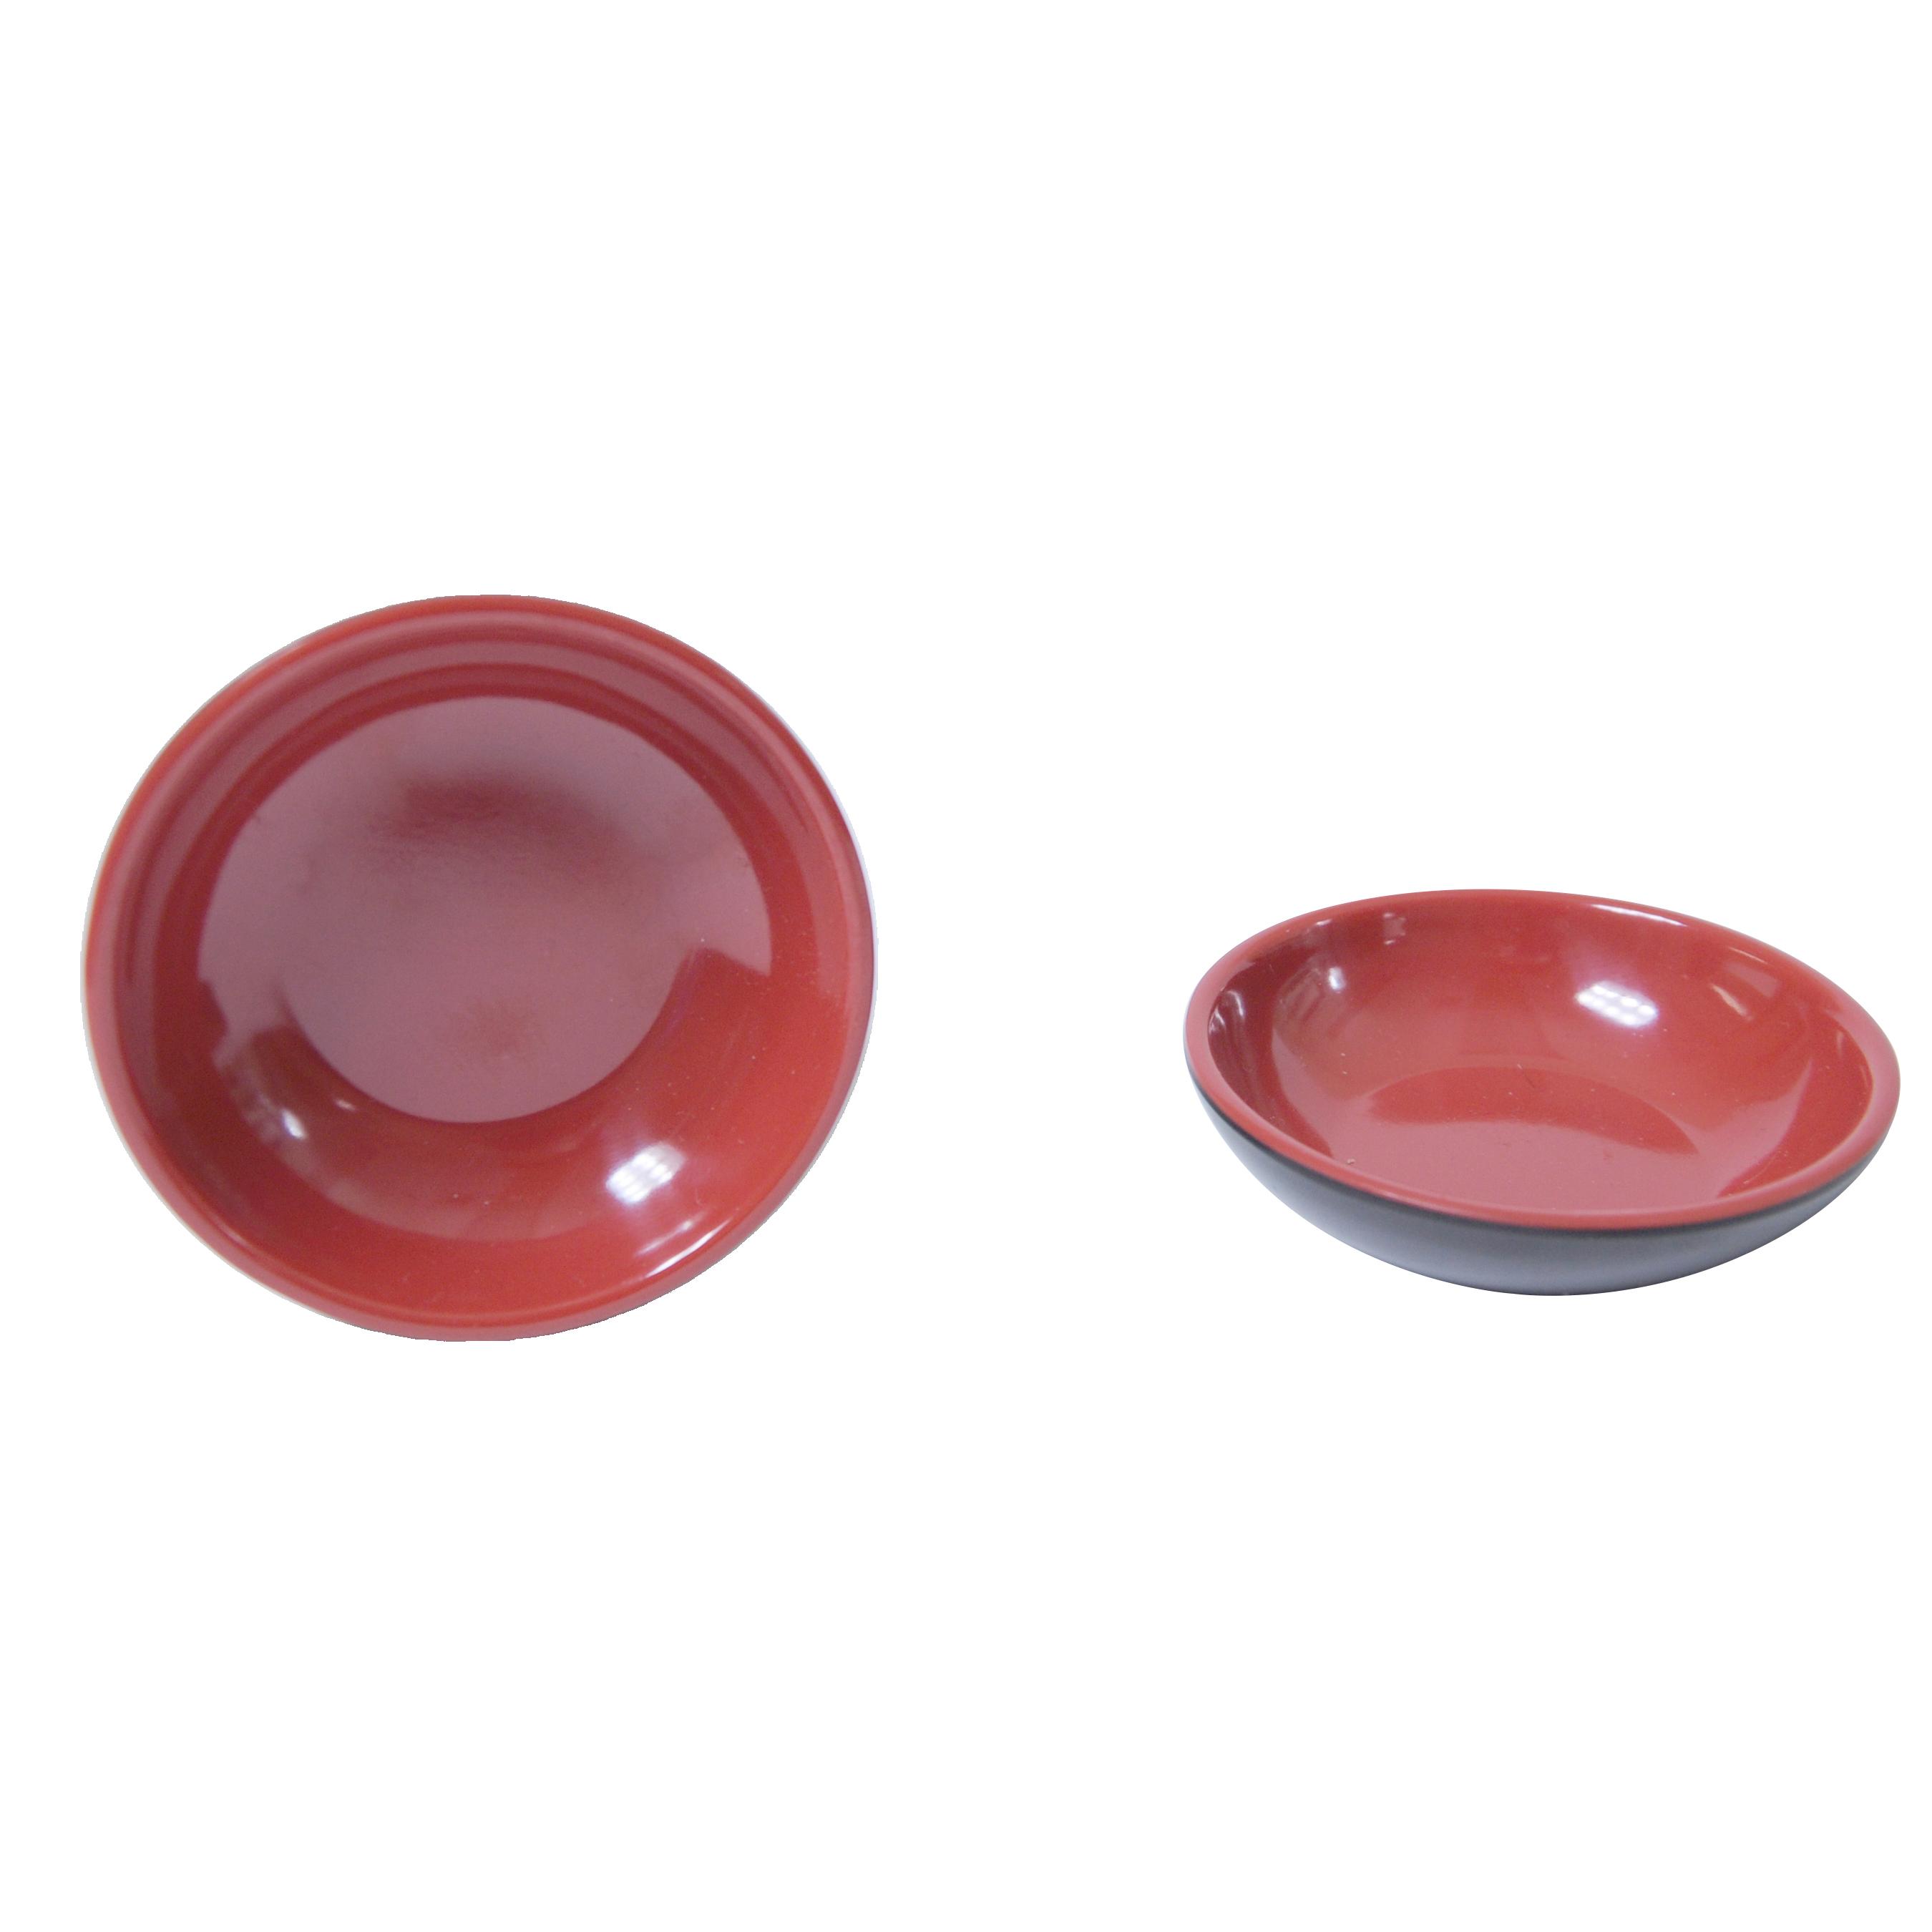 Thunder Group 1101JBR asian dinnerware, plastic